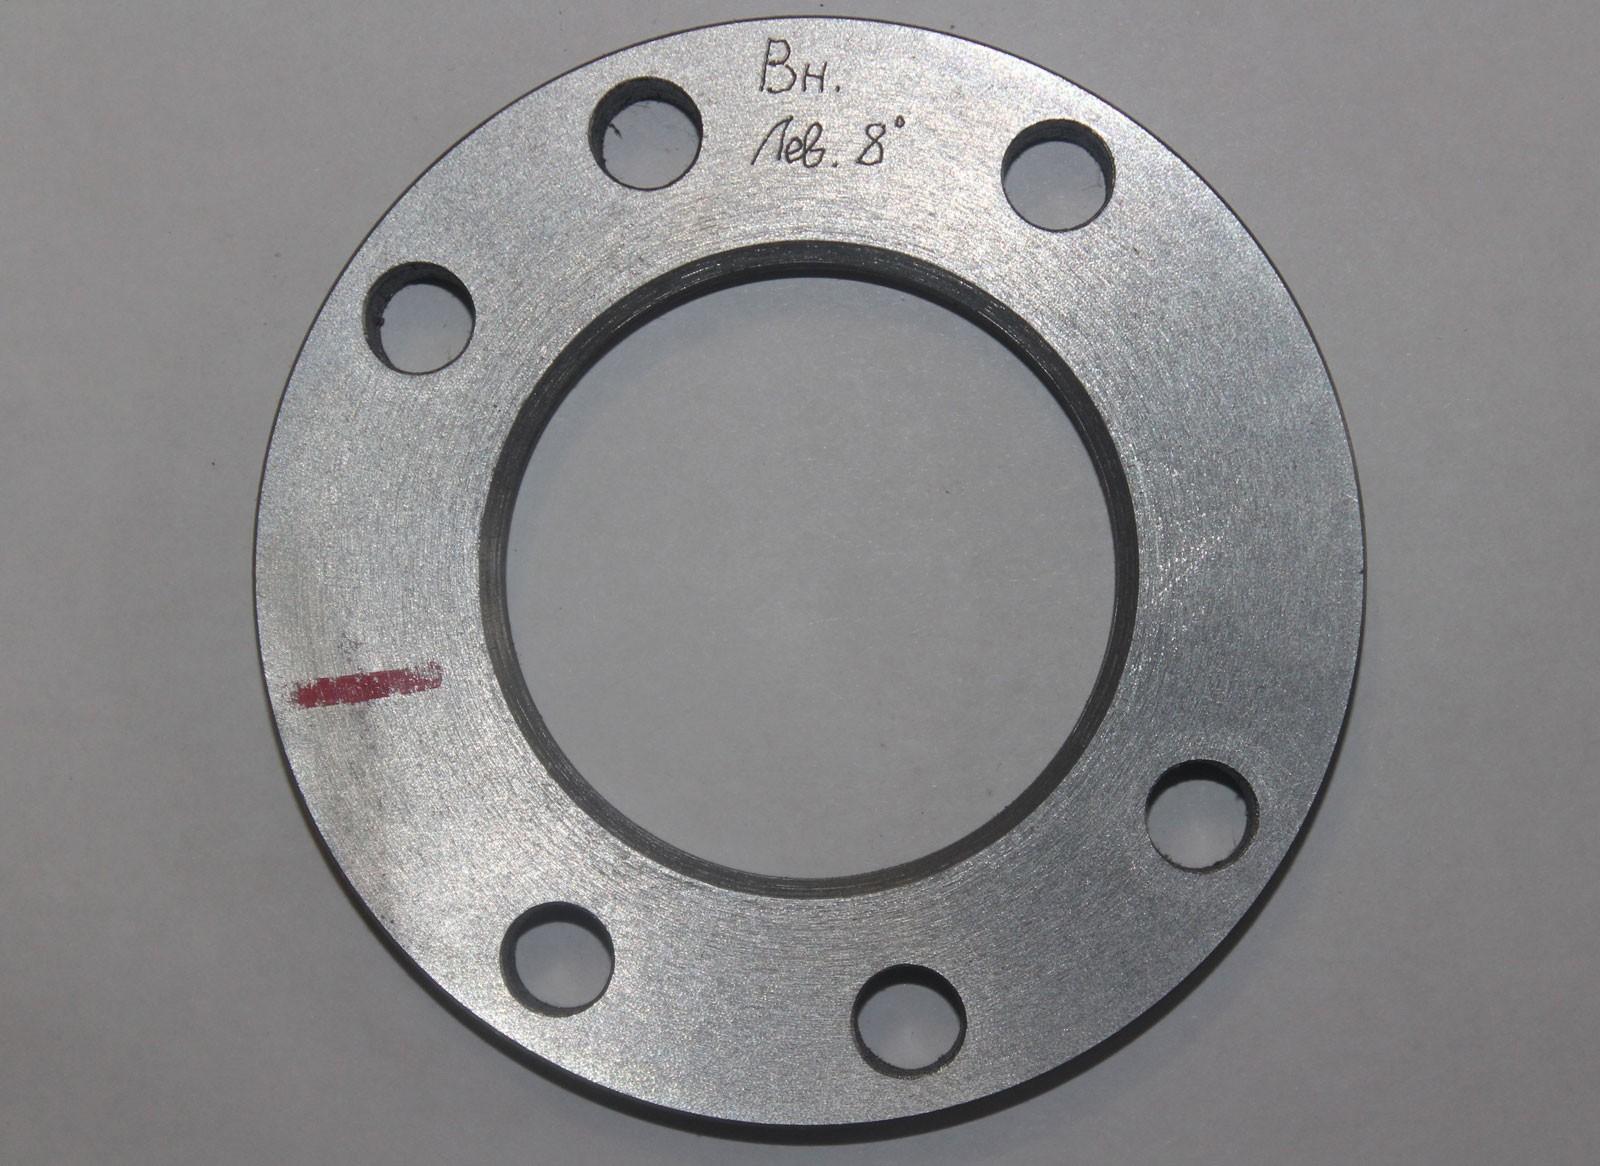 Кондуктор +8 градусов для редукторного моста на пружинной подвеске УАЗ Барс